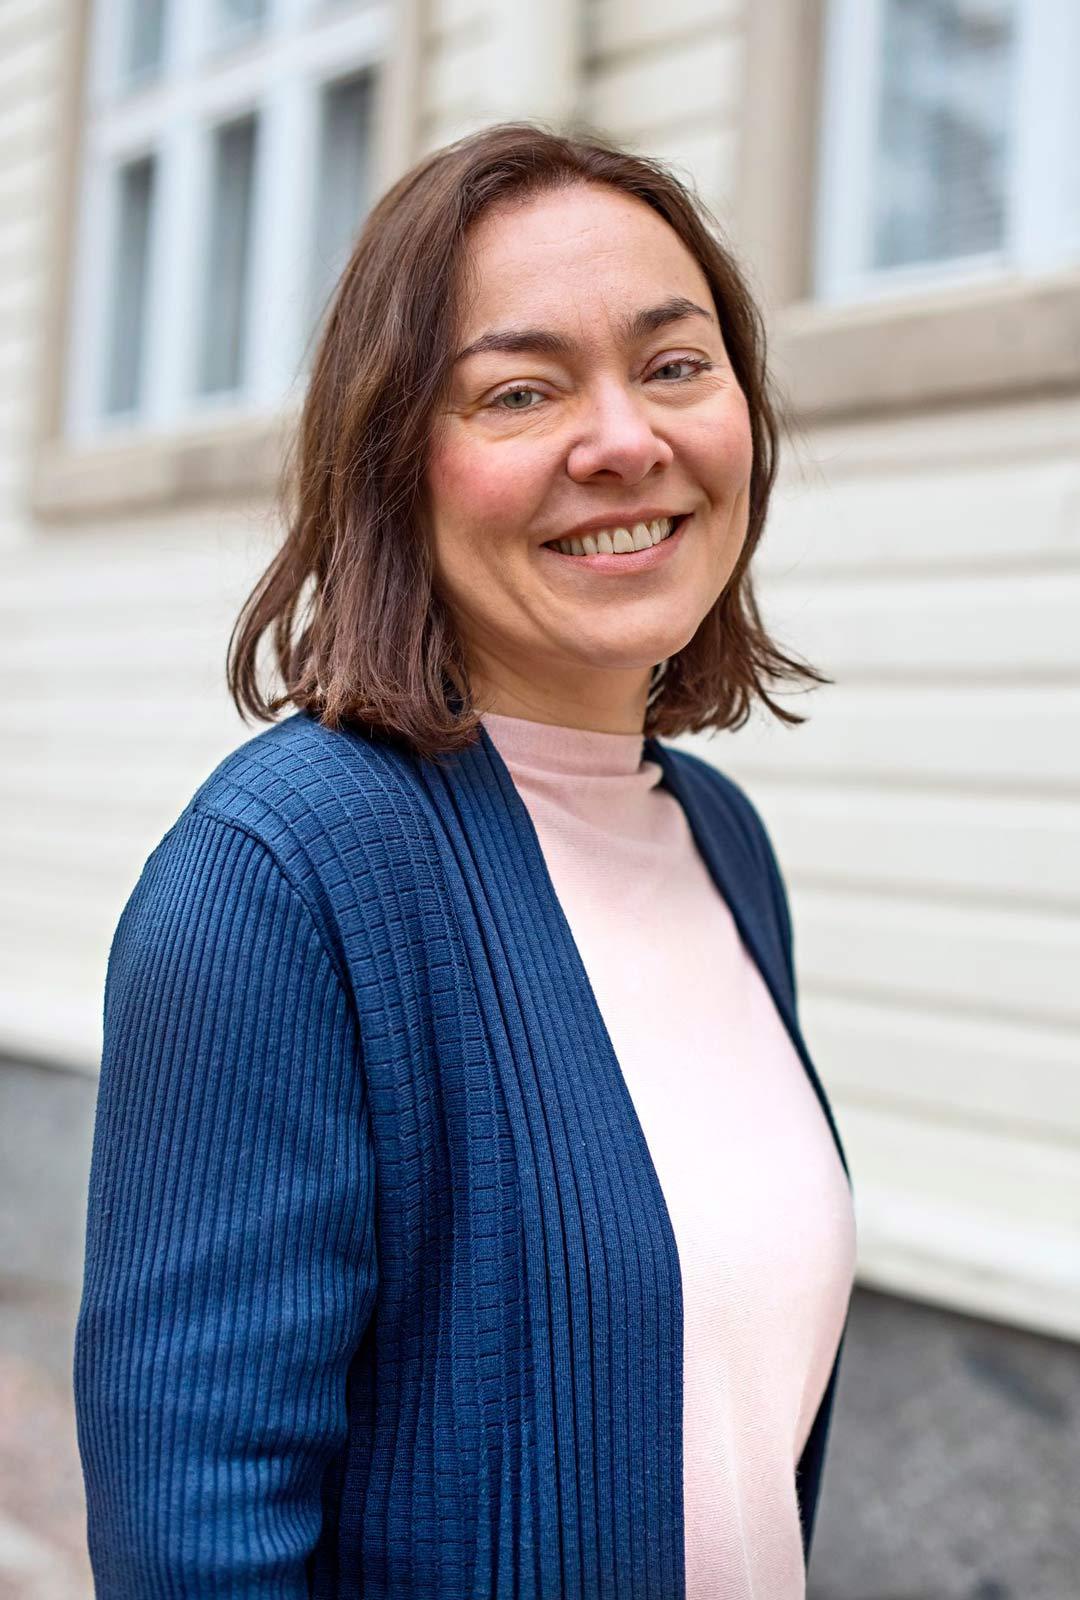 Psykologi Katja Myllyviita työskentelee tällä hetkellä psykoterapeuttina, kouluttajana ja työnohjaajana.